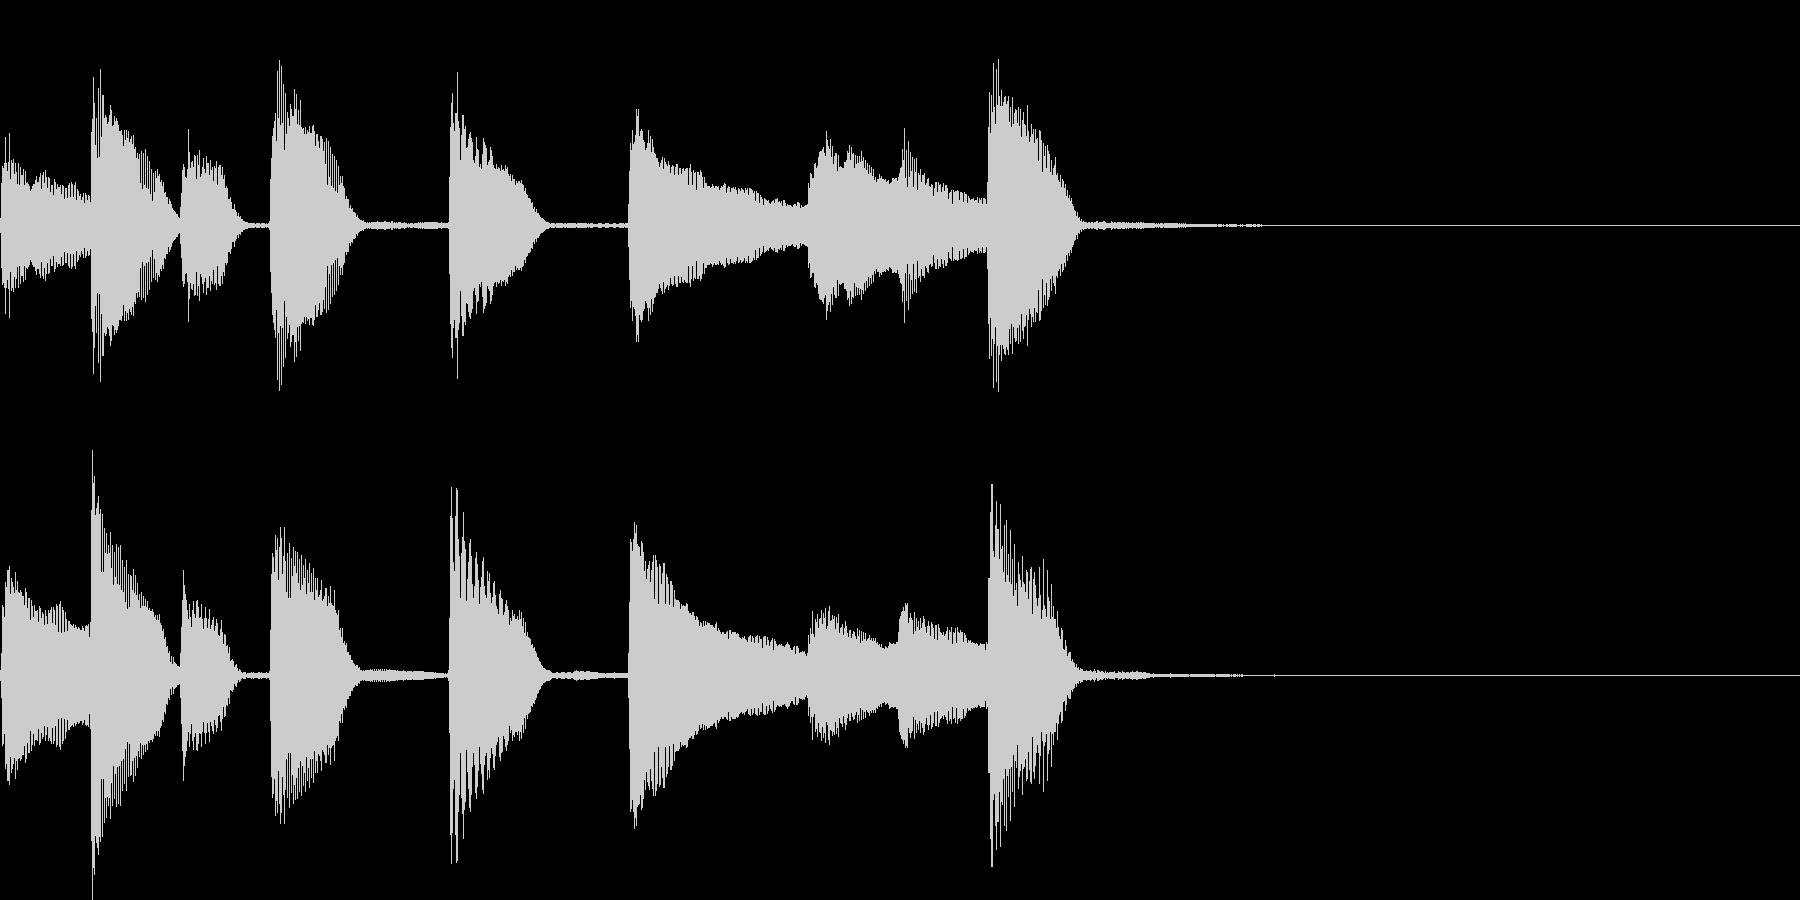 軽快なピアノジングルの未再生の波形